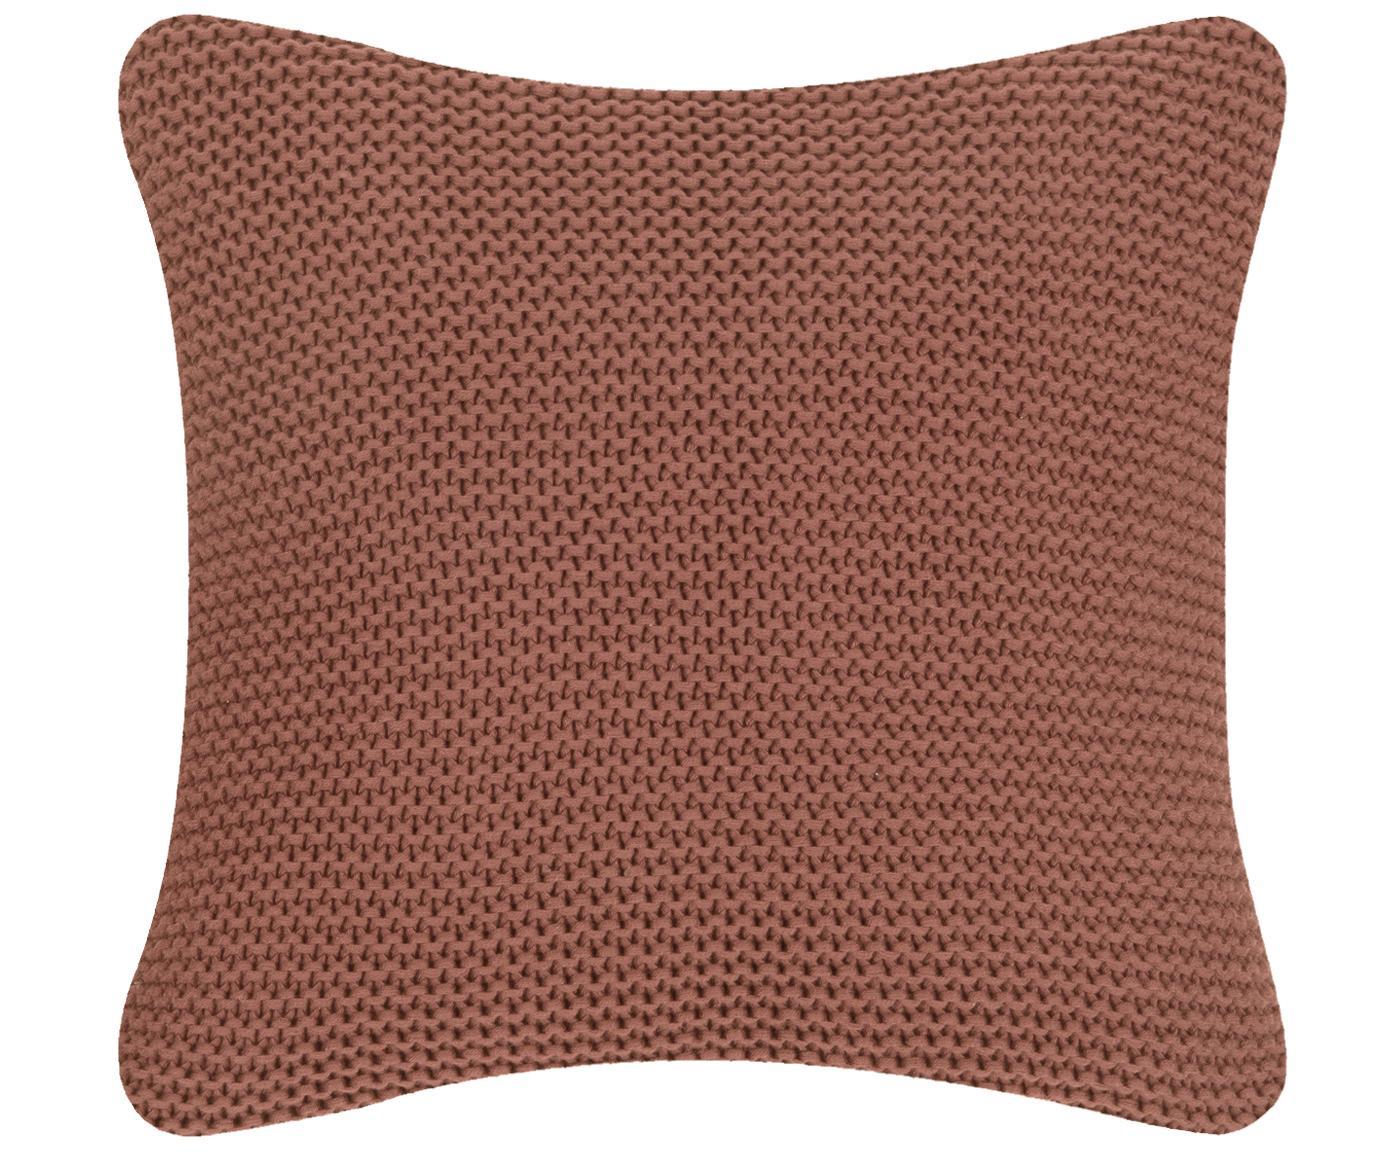 Poszewka na poduszkę z dzianiny Adalyn, 100% bawełna, Rudy, S 40 x D 40 cm